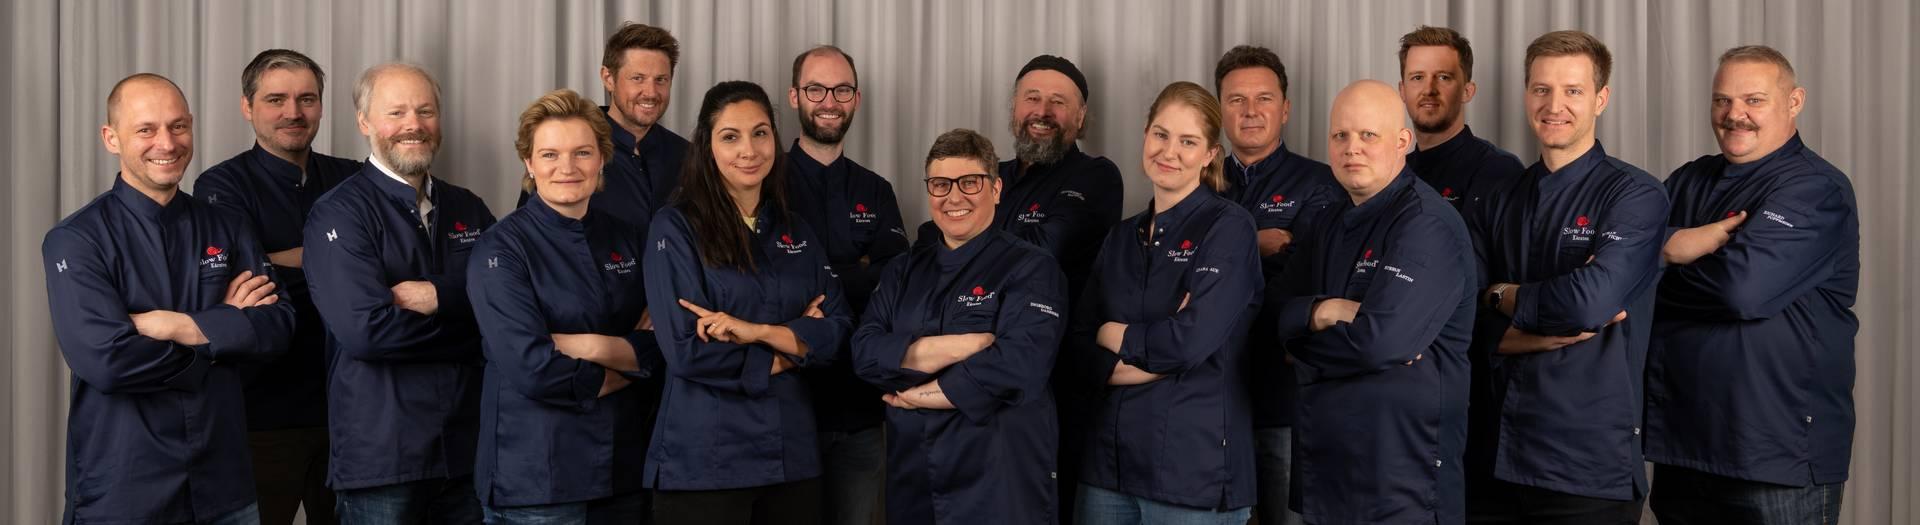 Slow Food Kaernten Bündnis der Köche und Köchinnen